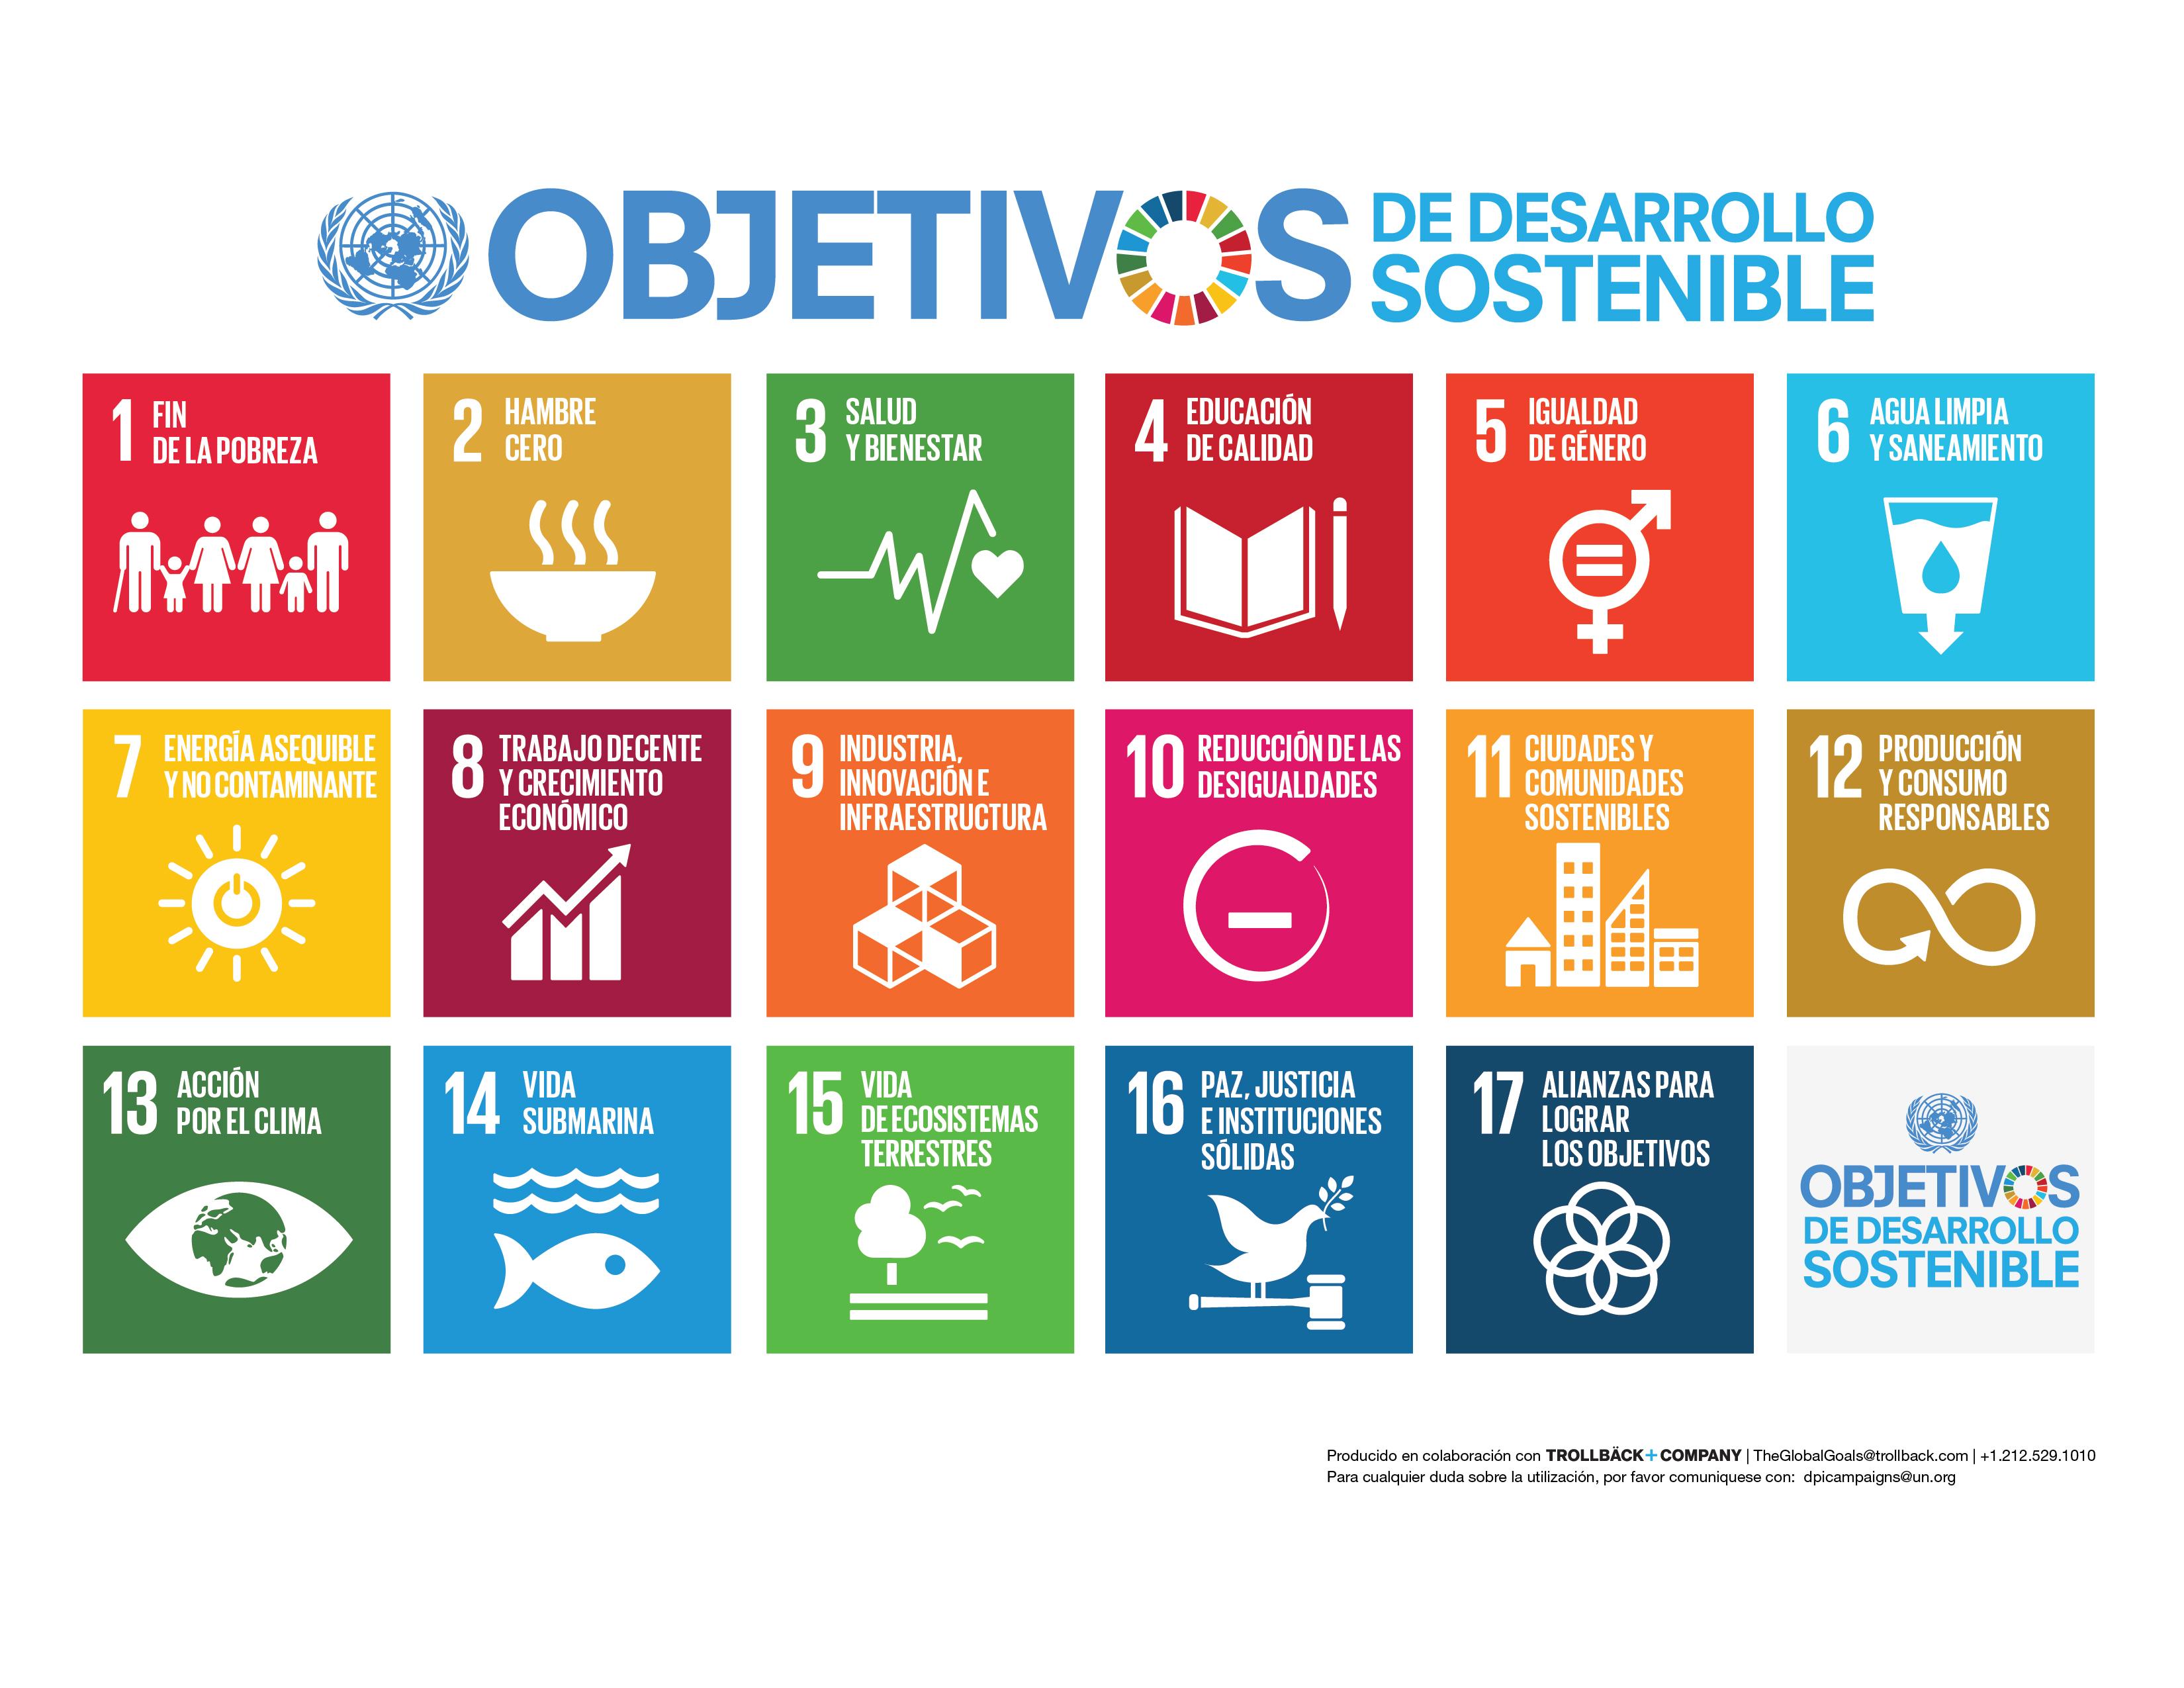 Objetivos de Desarrollo Sostenible propuestos por la ONU. Foto: www.un.org